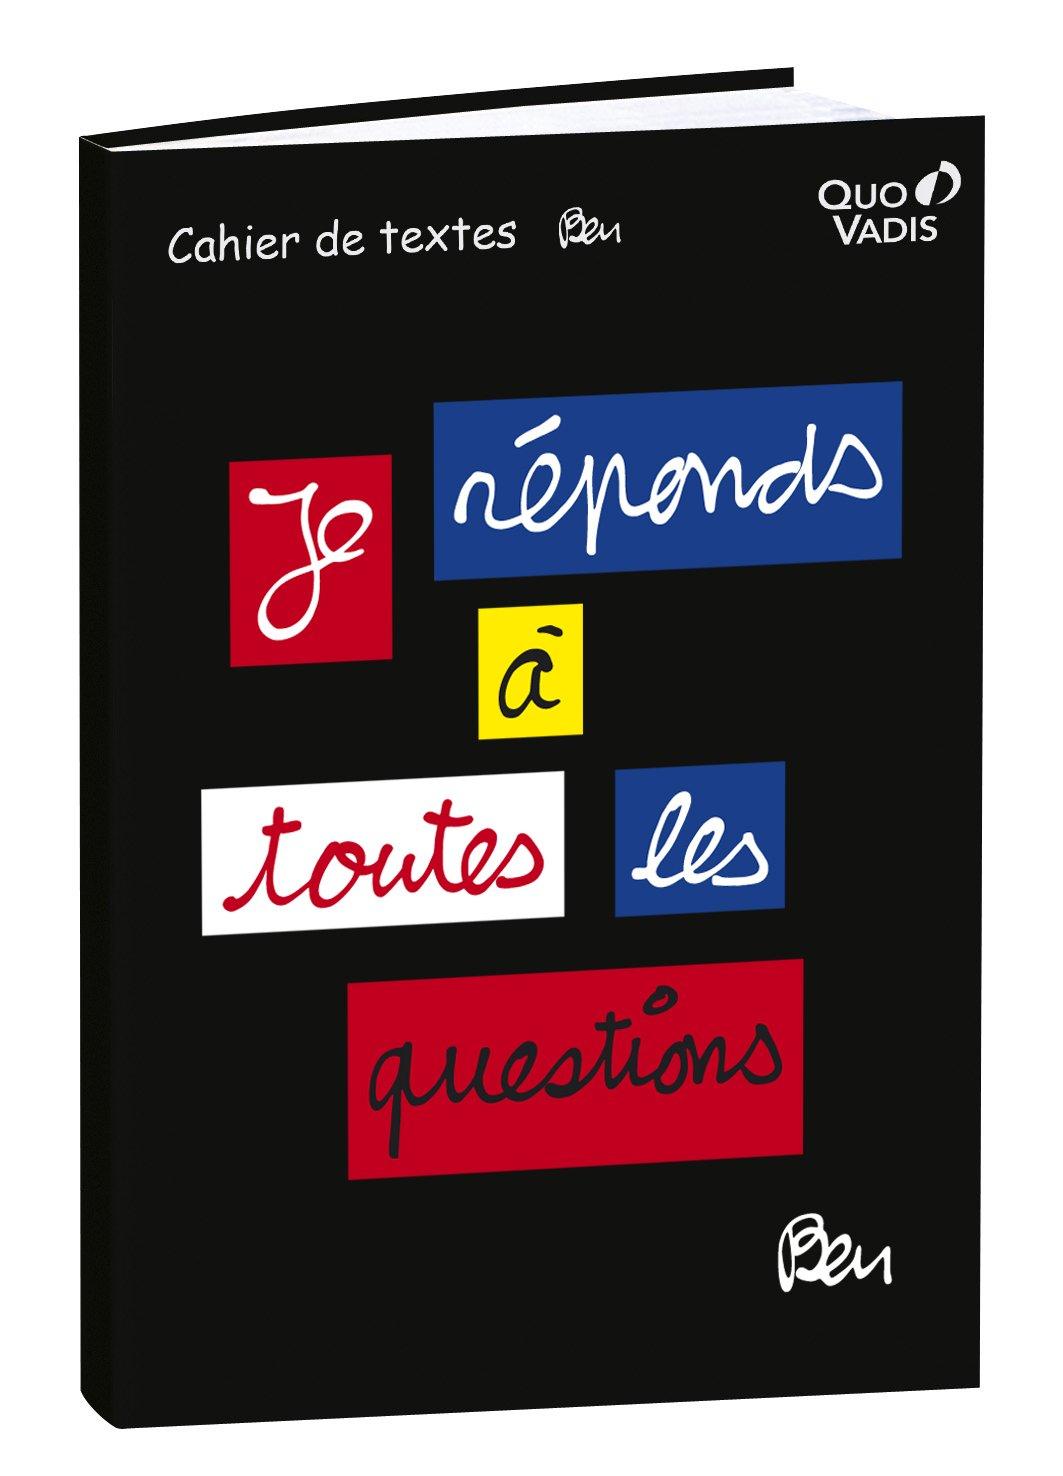 QUO VADIS - 1 Cahier de textes BEN Questions- 15x21cm 266043Q